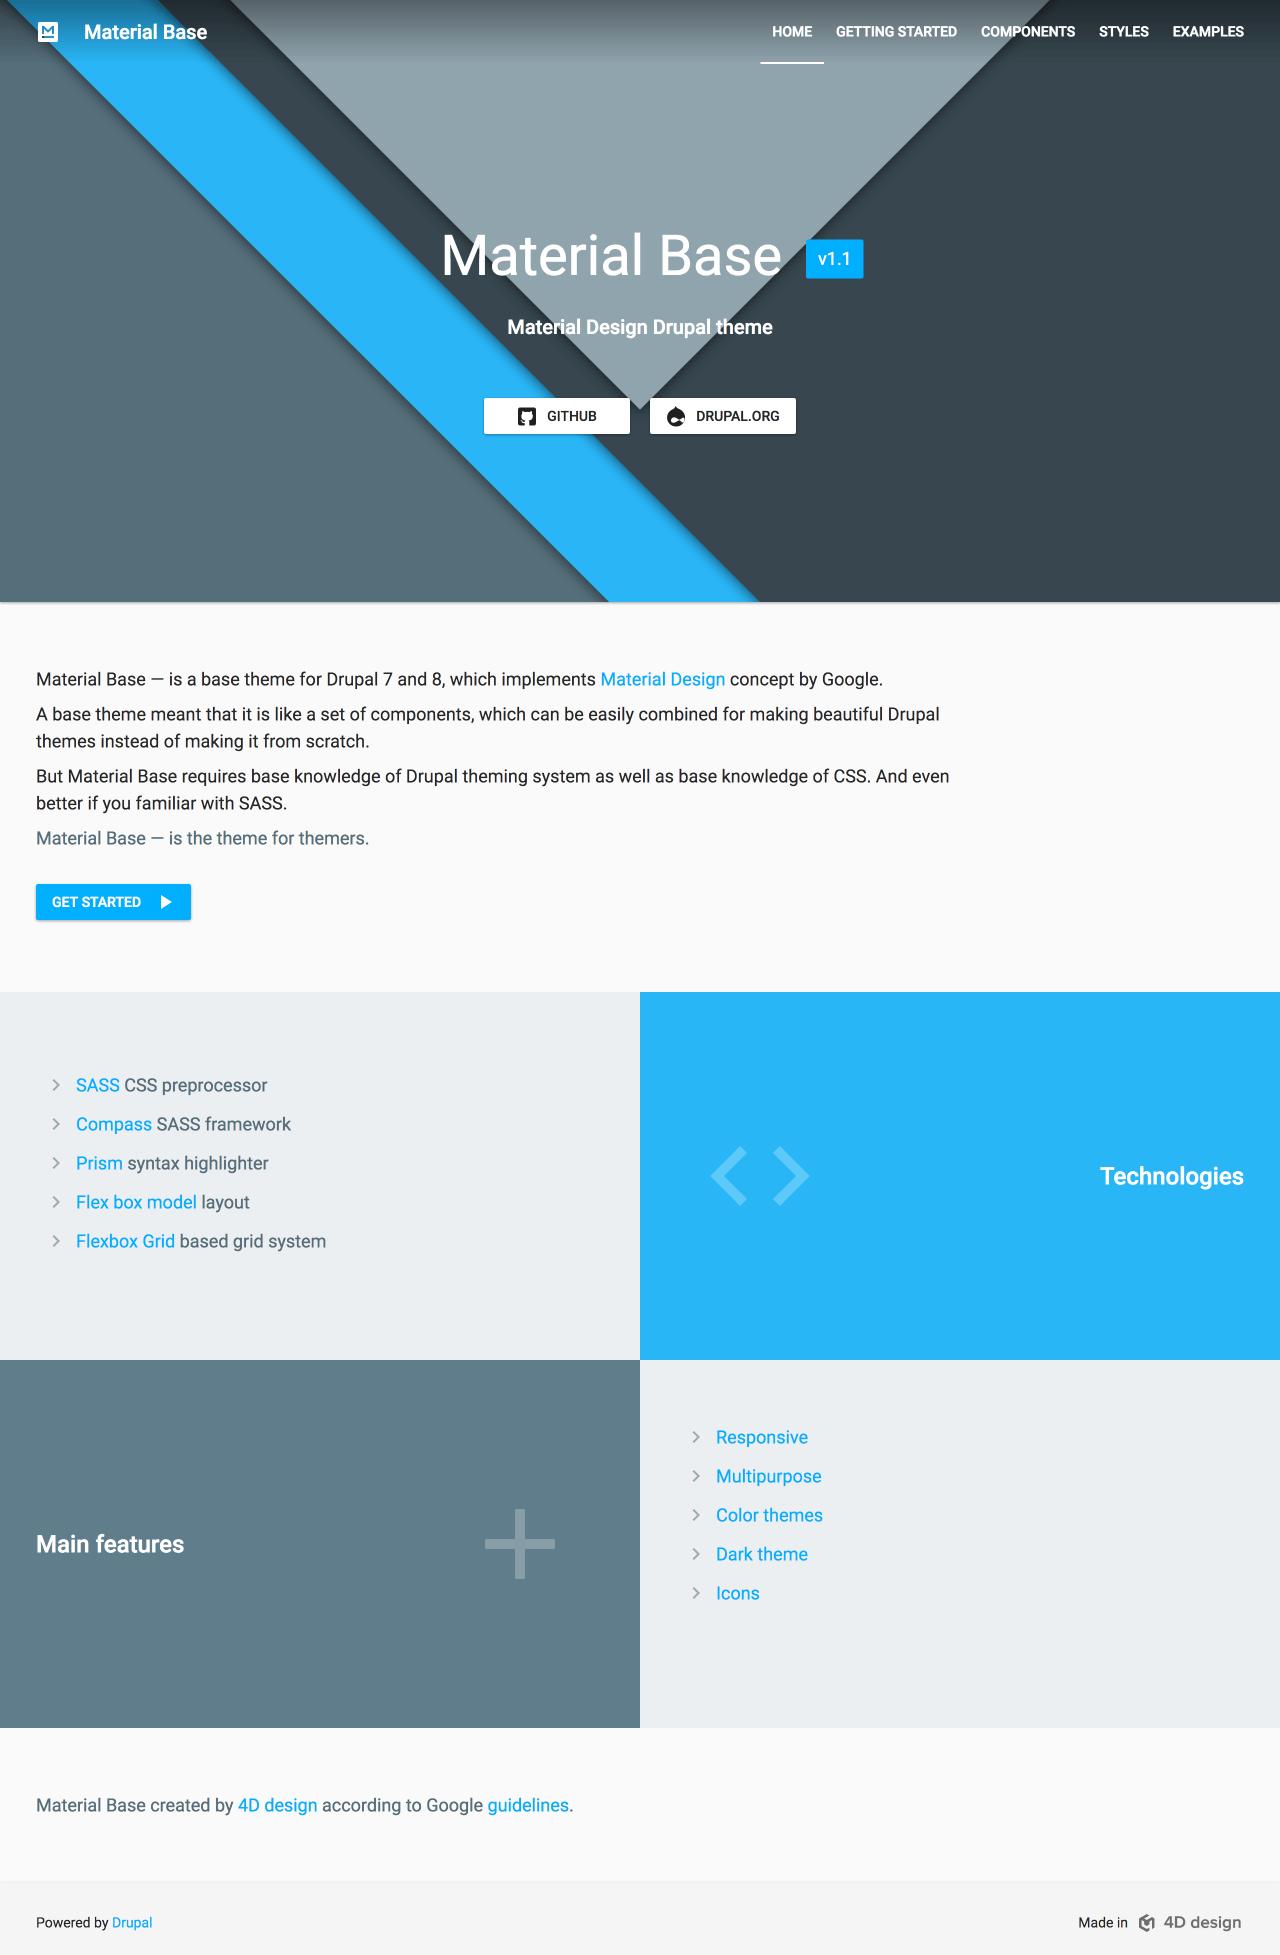 Material base | Drupal org